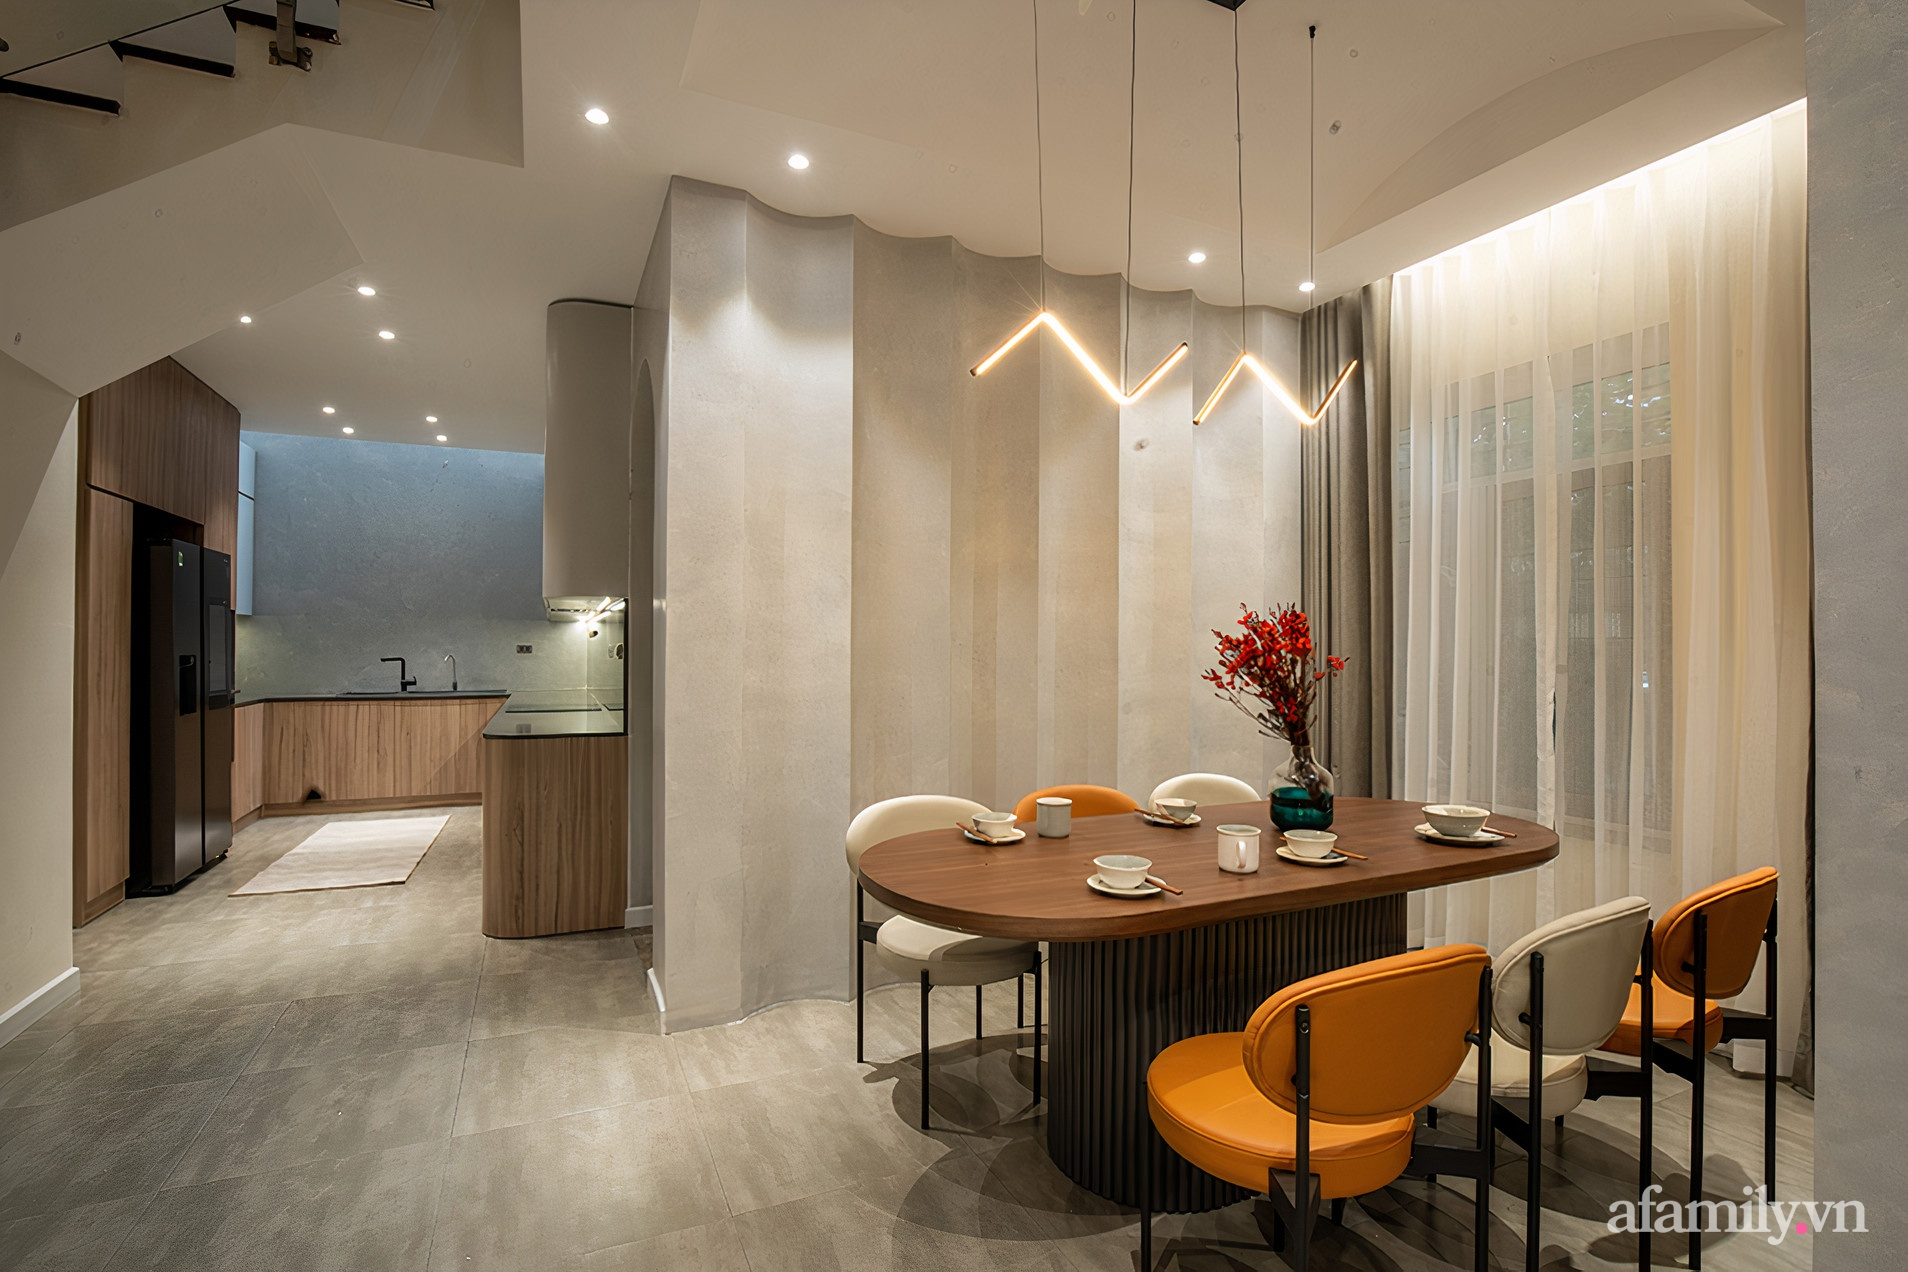 Cải tạo căn nhà 200m² xuống cấp, bí bách thành không gian sang trọng, tiện nghi ở Hà Nội - Ảnh 12.